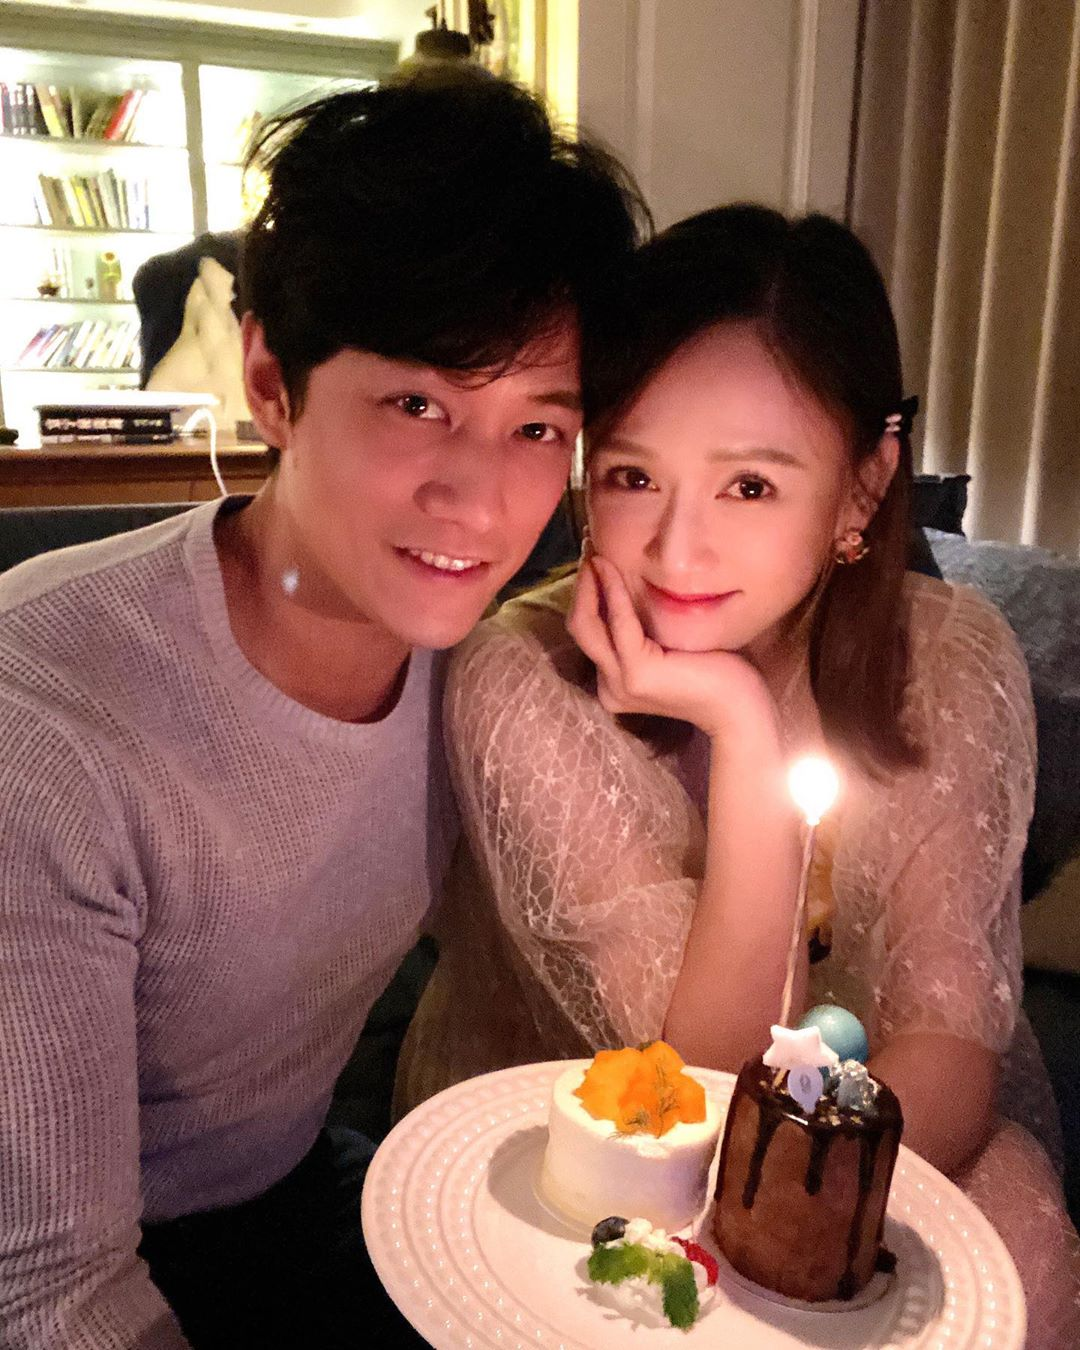 【拍拖一周年】41歲陳喬恩與富二代男友甜蜜放閃:珍惜當下